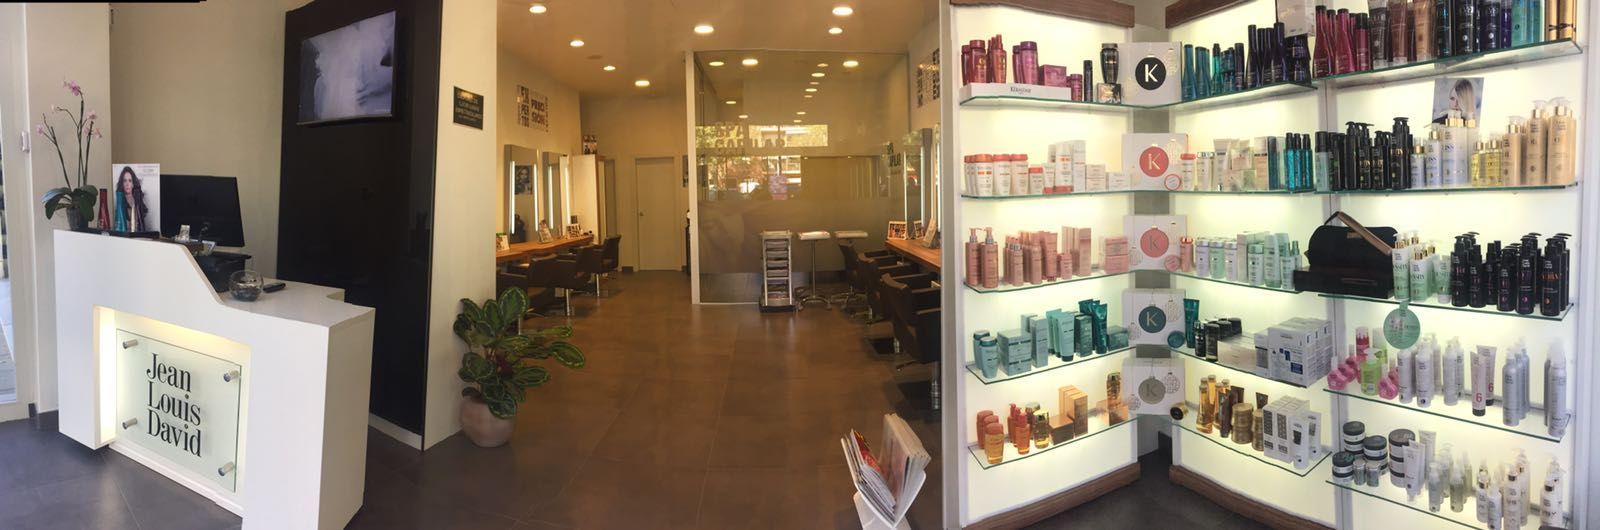 El sector de franquicias de peluquer a en espa a podr a - Franquicias de fotografia ...